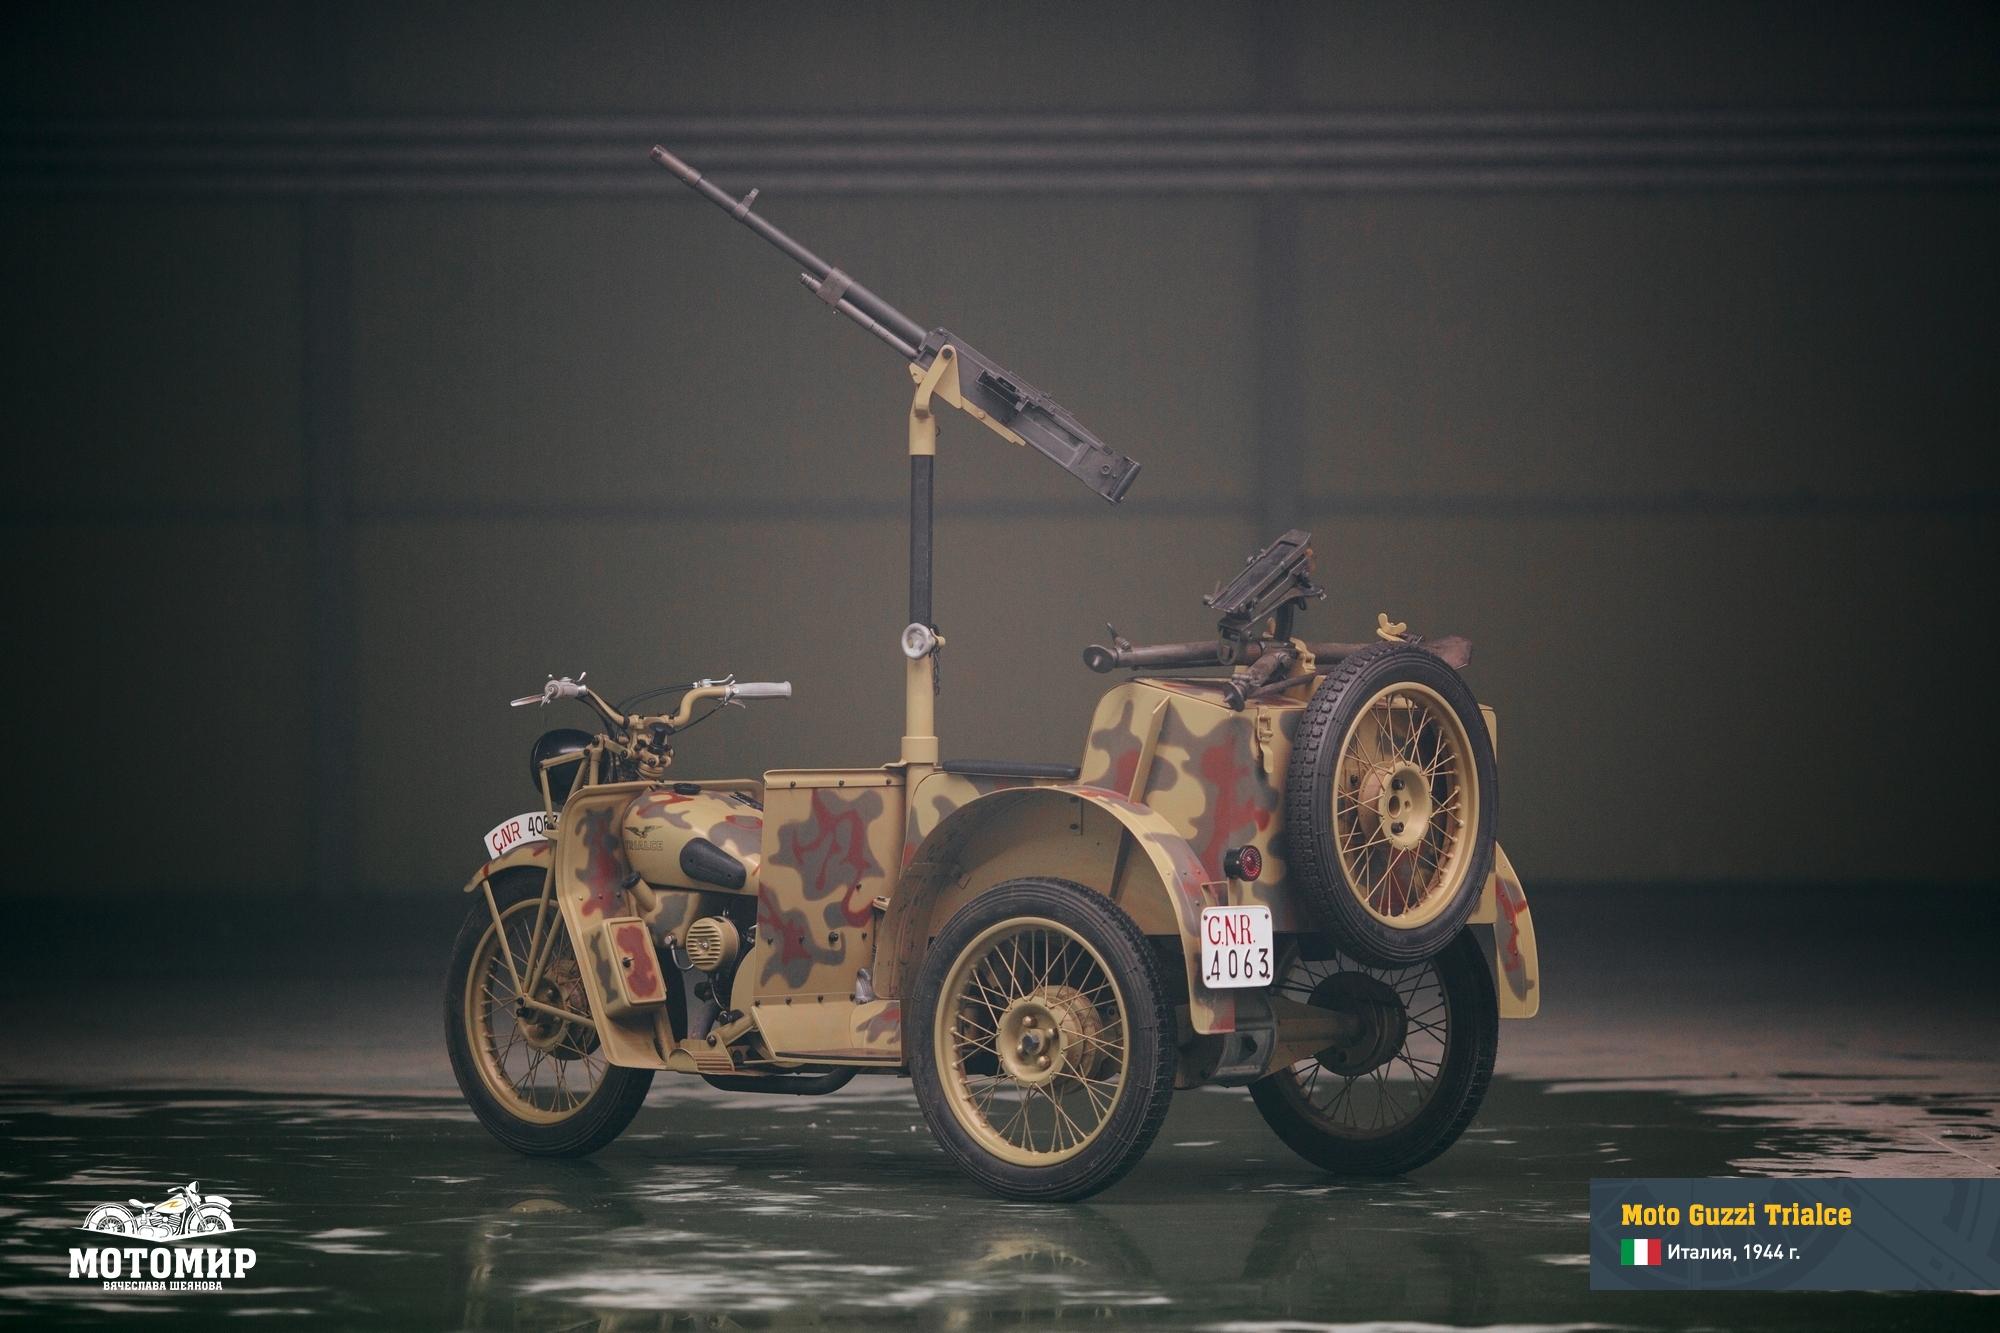 moto-guzzi-trialce-201502-web-04